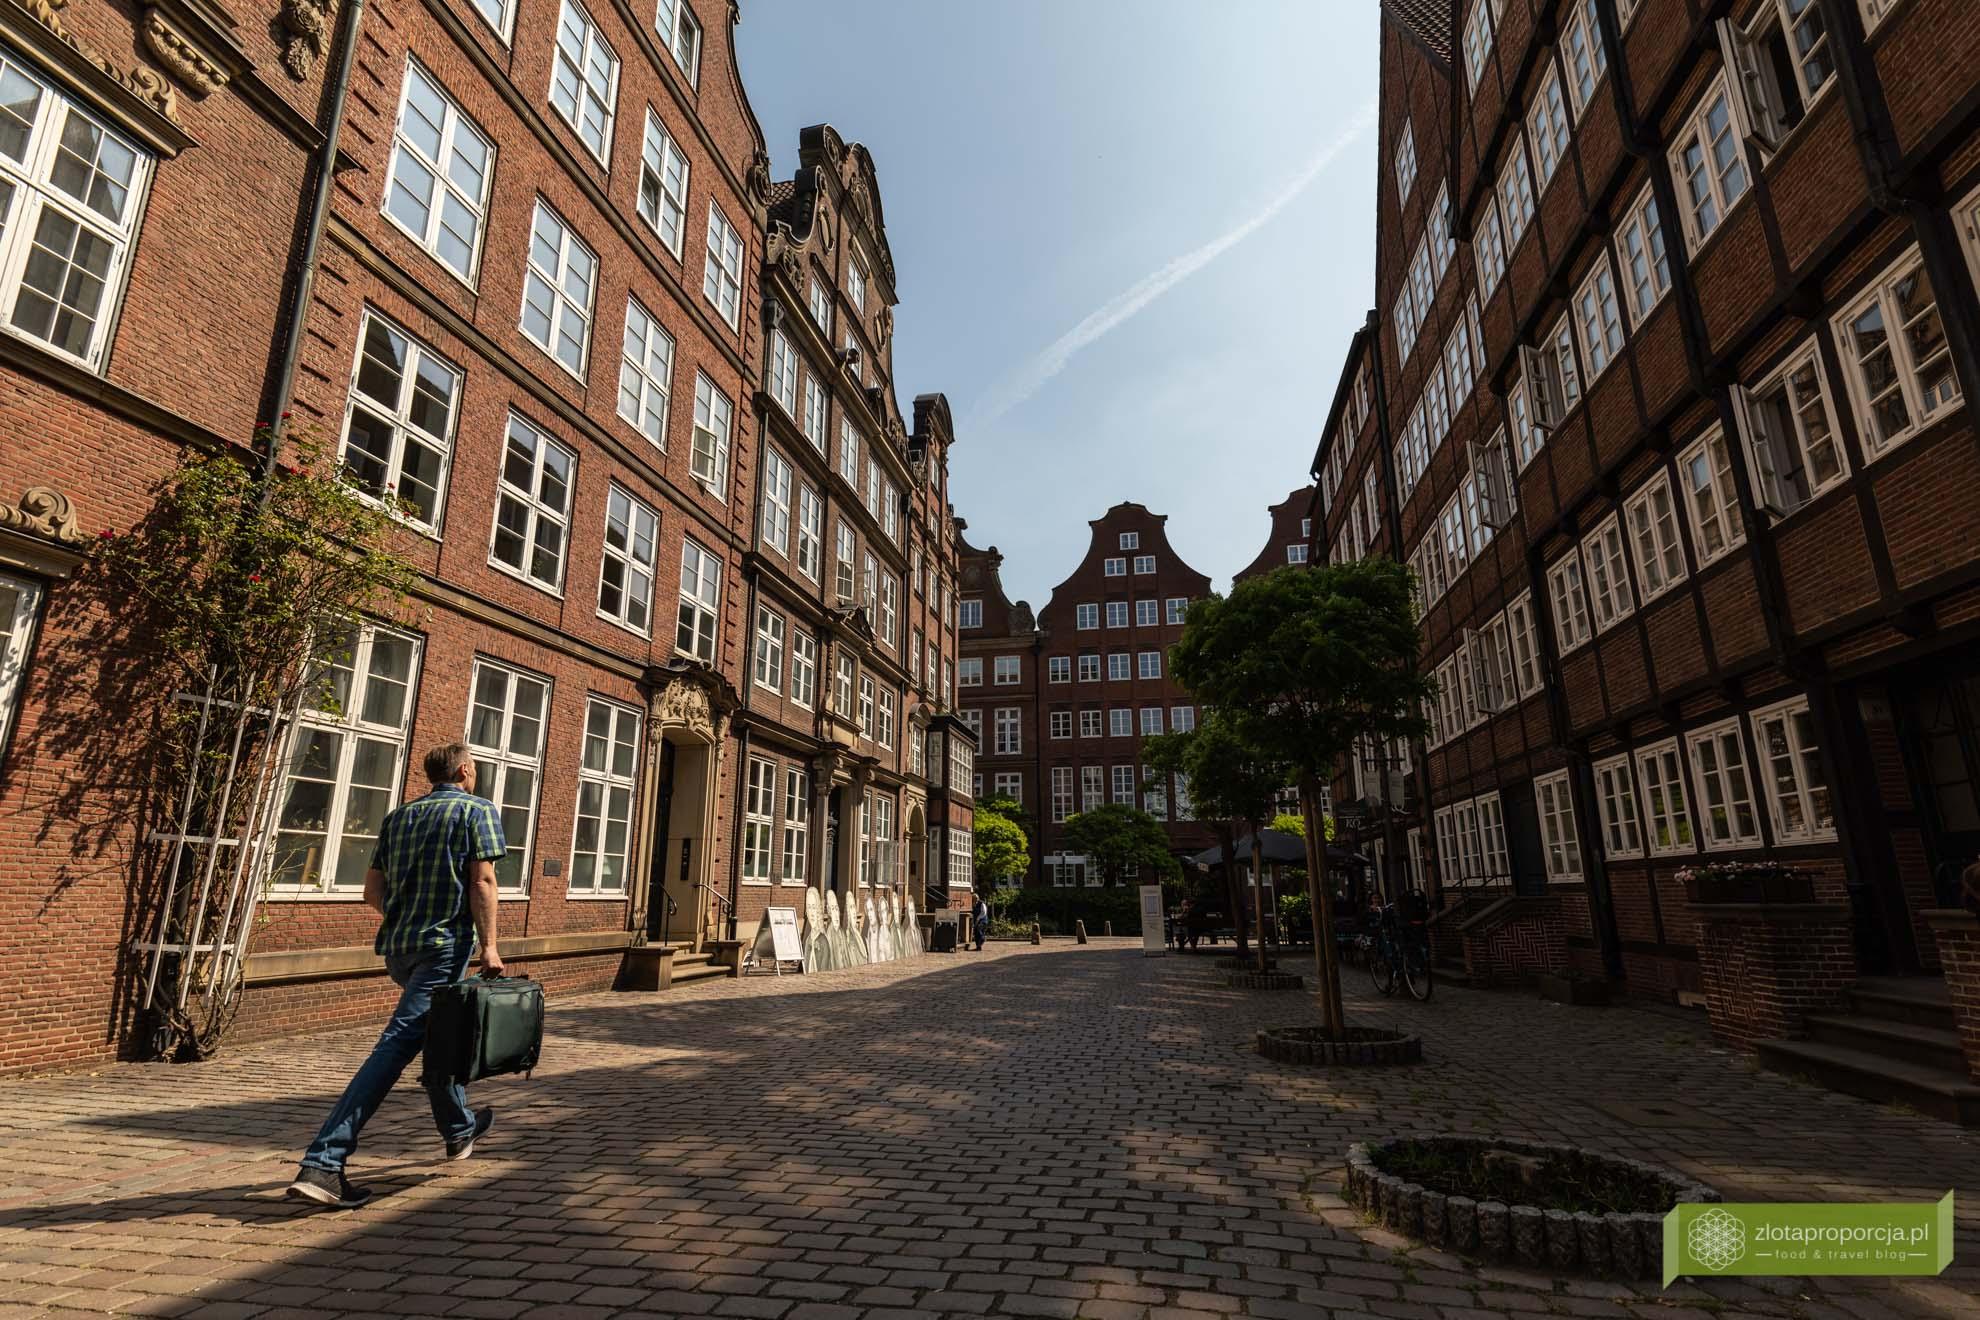 Hamburg, atrakcje Hamburga, Niemcy; Dzielnica Kompozytorów, Ulica Kompozytorów